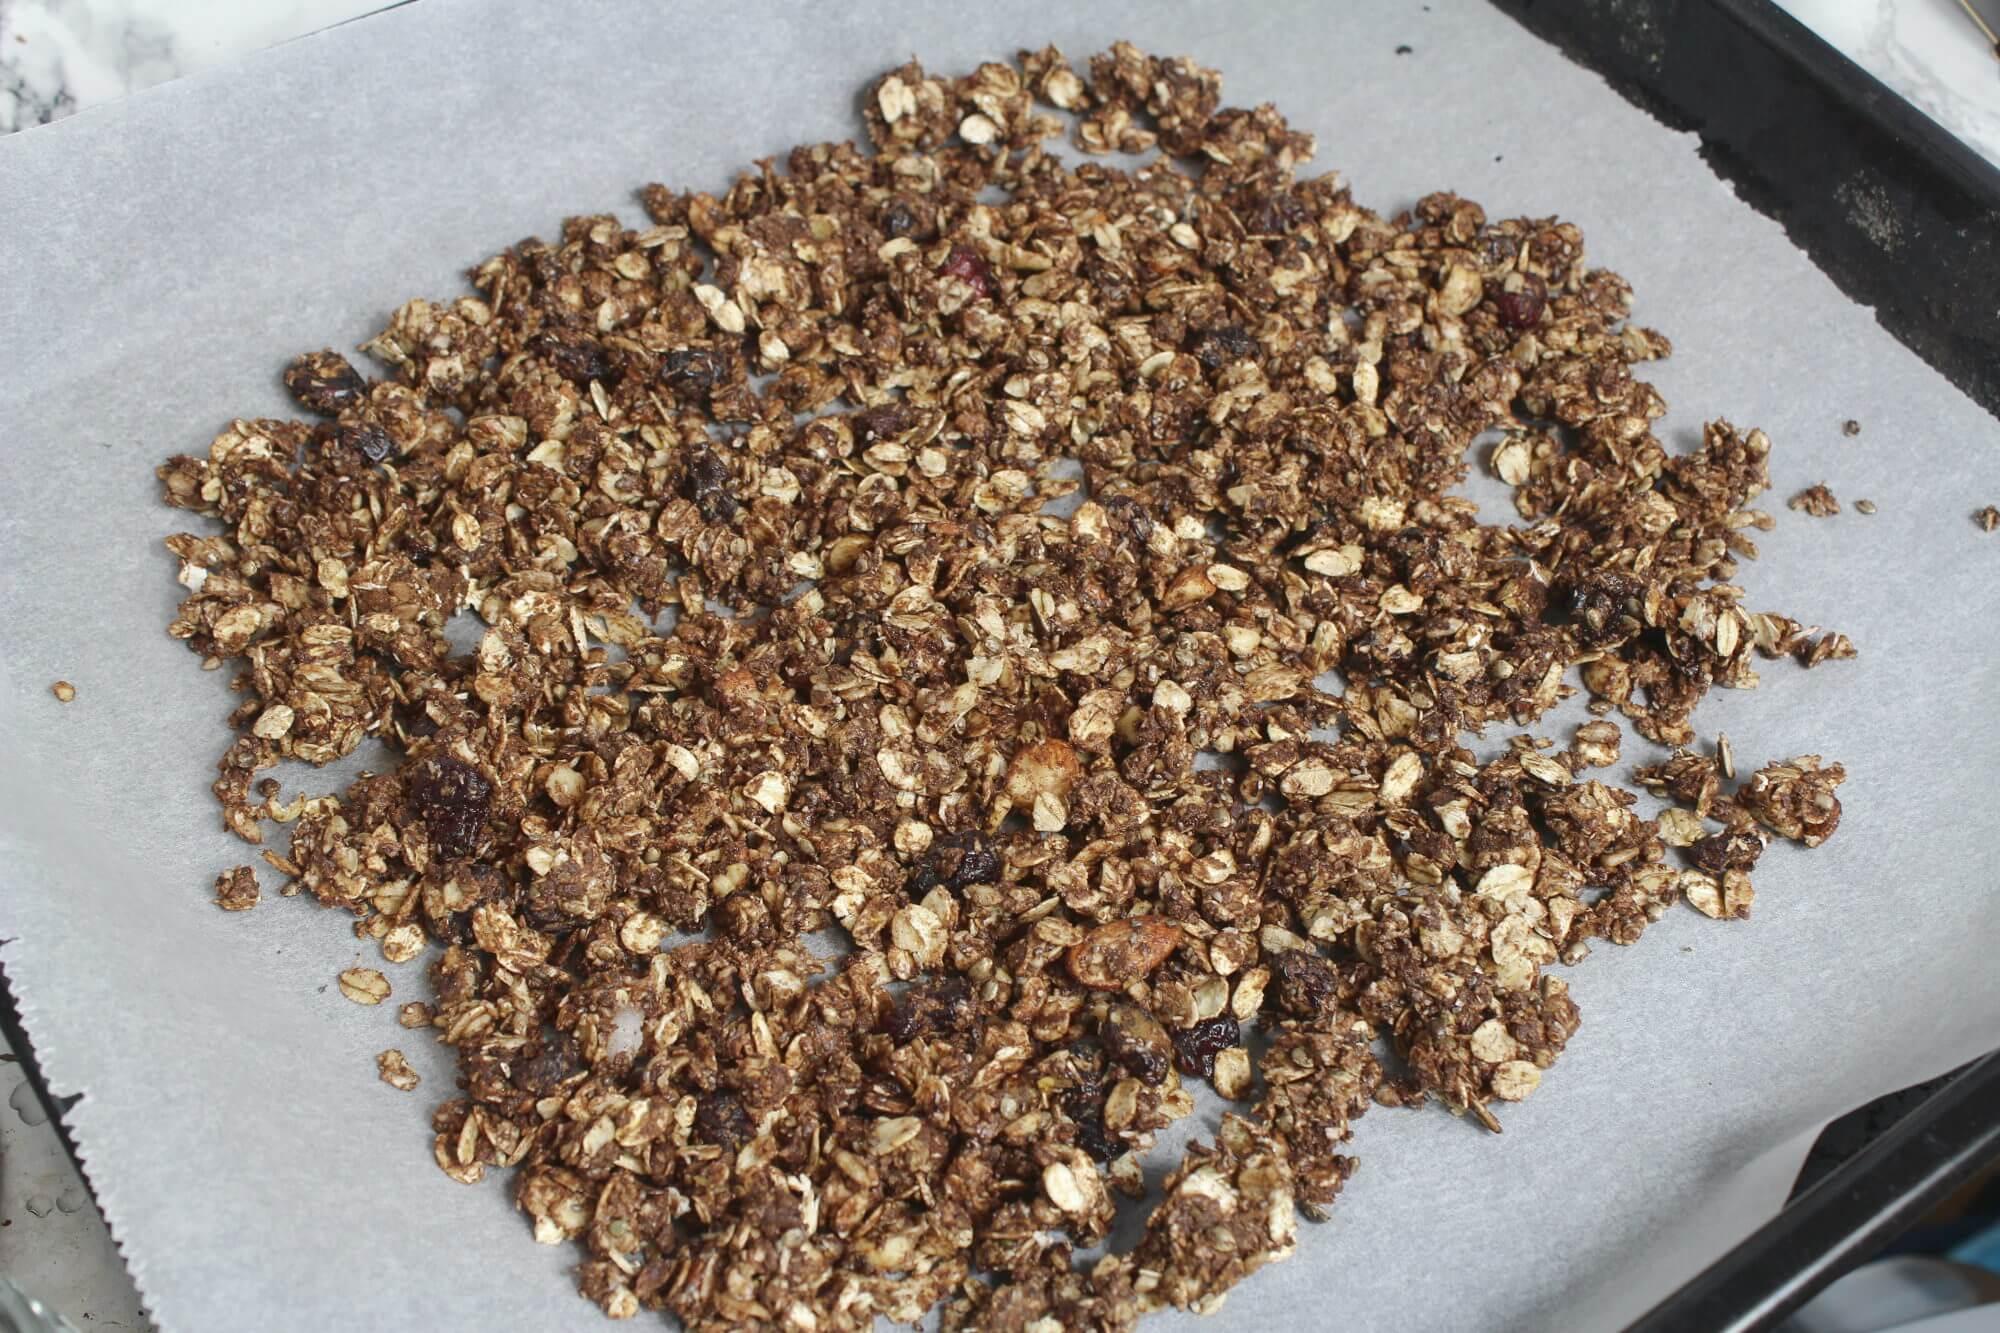 Knuspermüsli selber machen: Zutaten auf Backblech verteilt